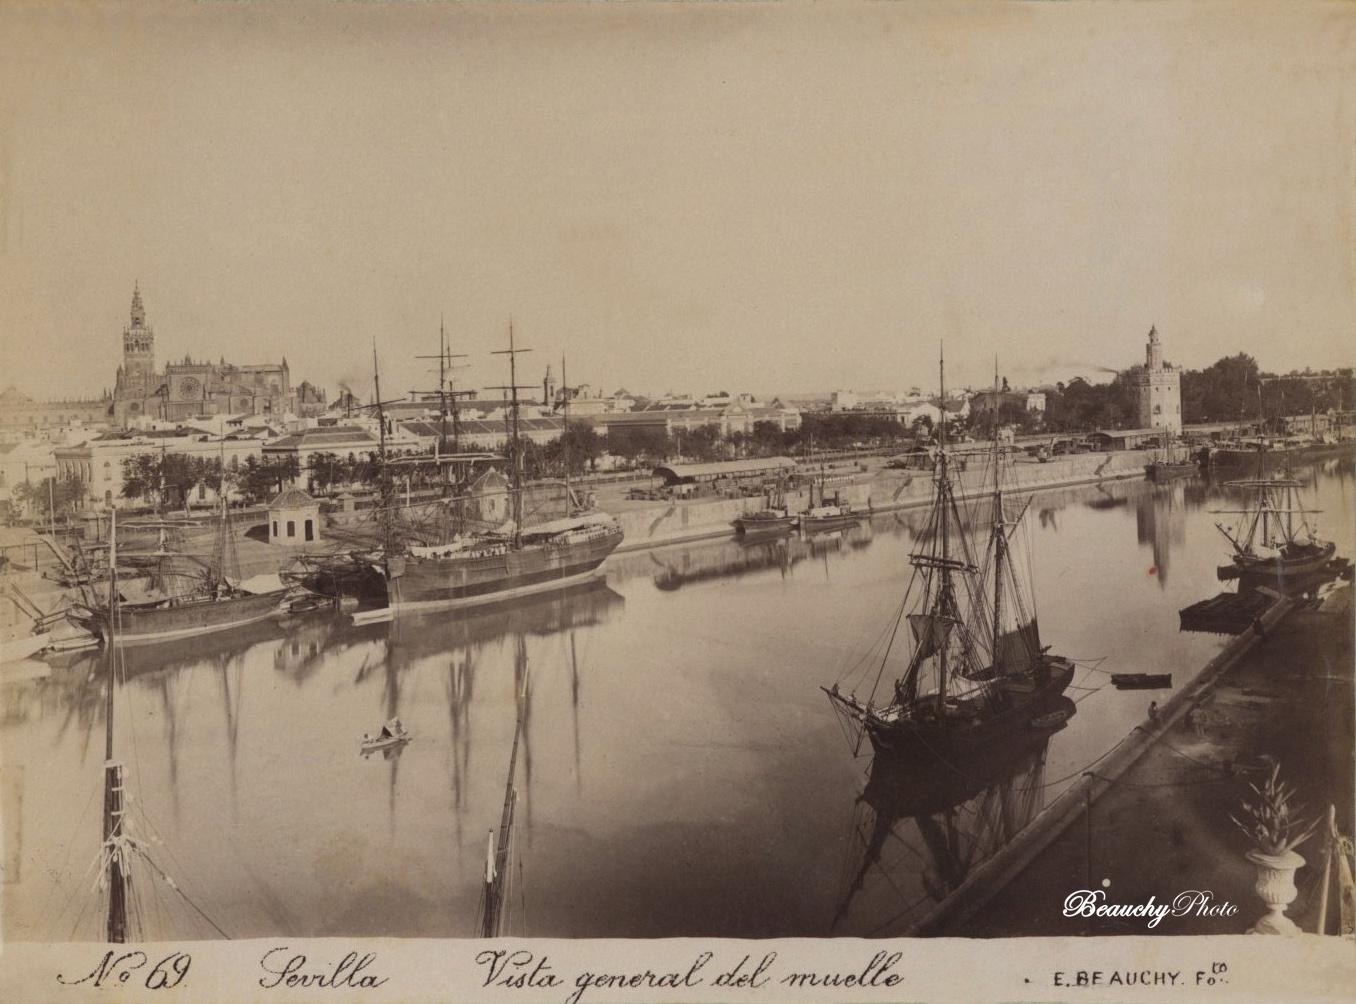 Beauchyphoto_Vista_general_del_muelle_de_Sevilla_Emilio_Beauchy_Cano_fotografias_antiguas_postales_vistas_y_monumentos